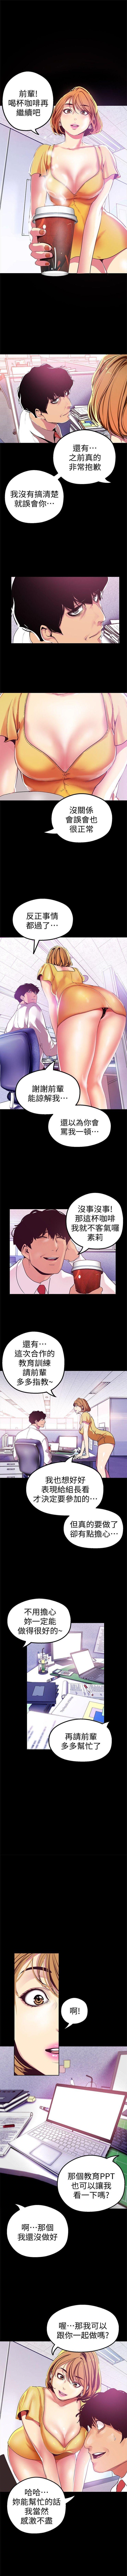 (周6)美丽新世界 1-61 中文翻译 (更新中) 222